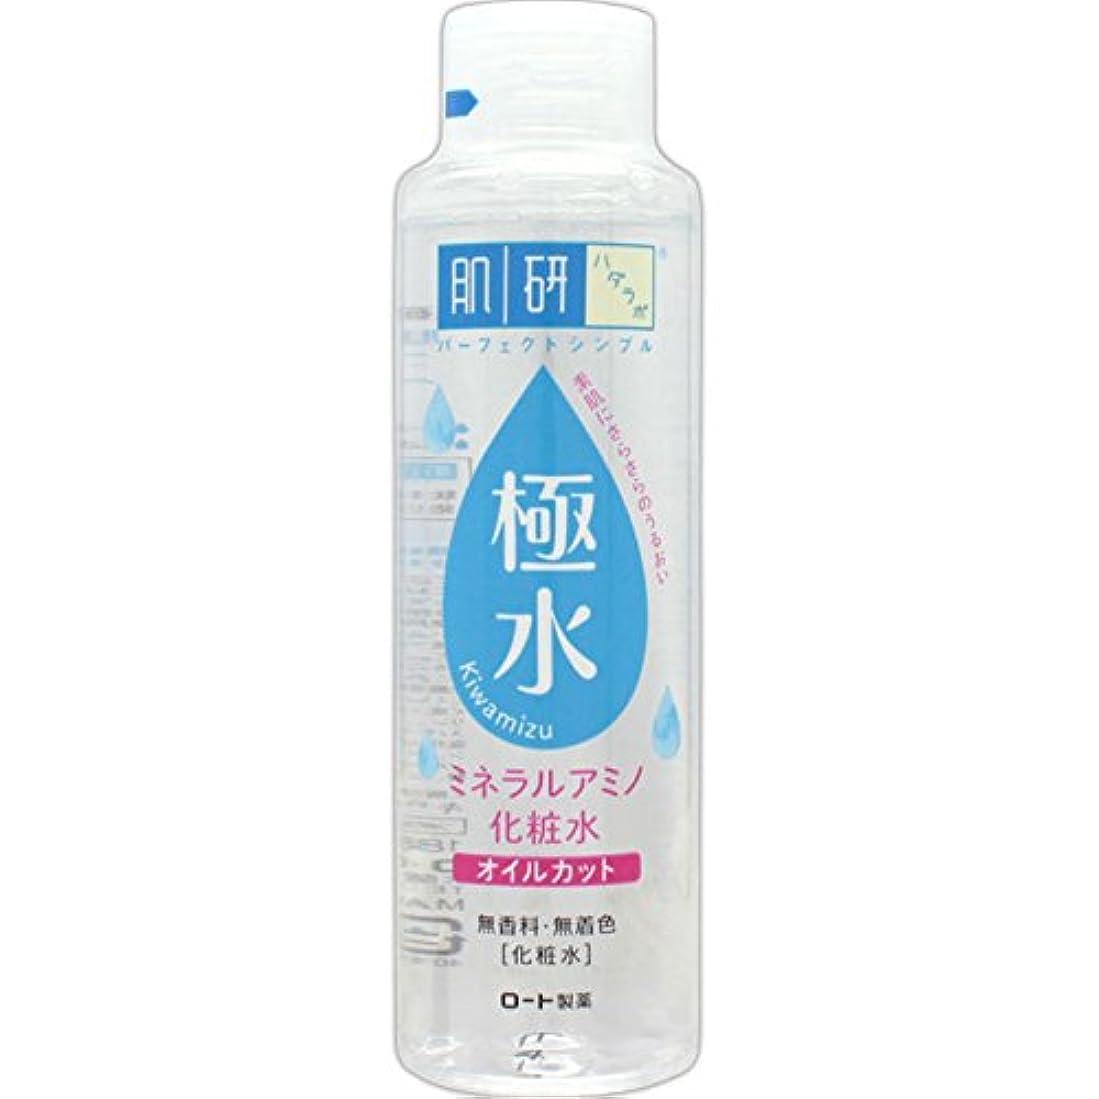 対象欠乏評価肌研(ハダラボ) 極水 ミネラルアミノ化粧水 180mL